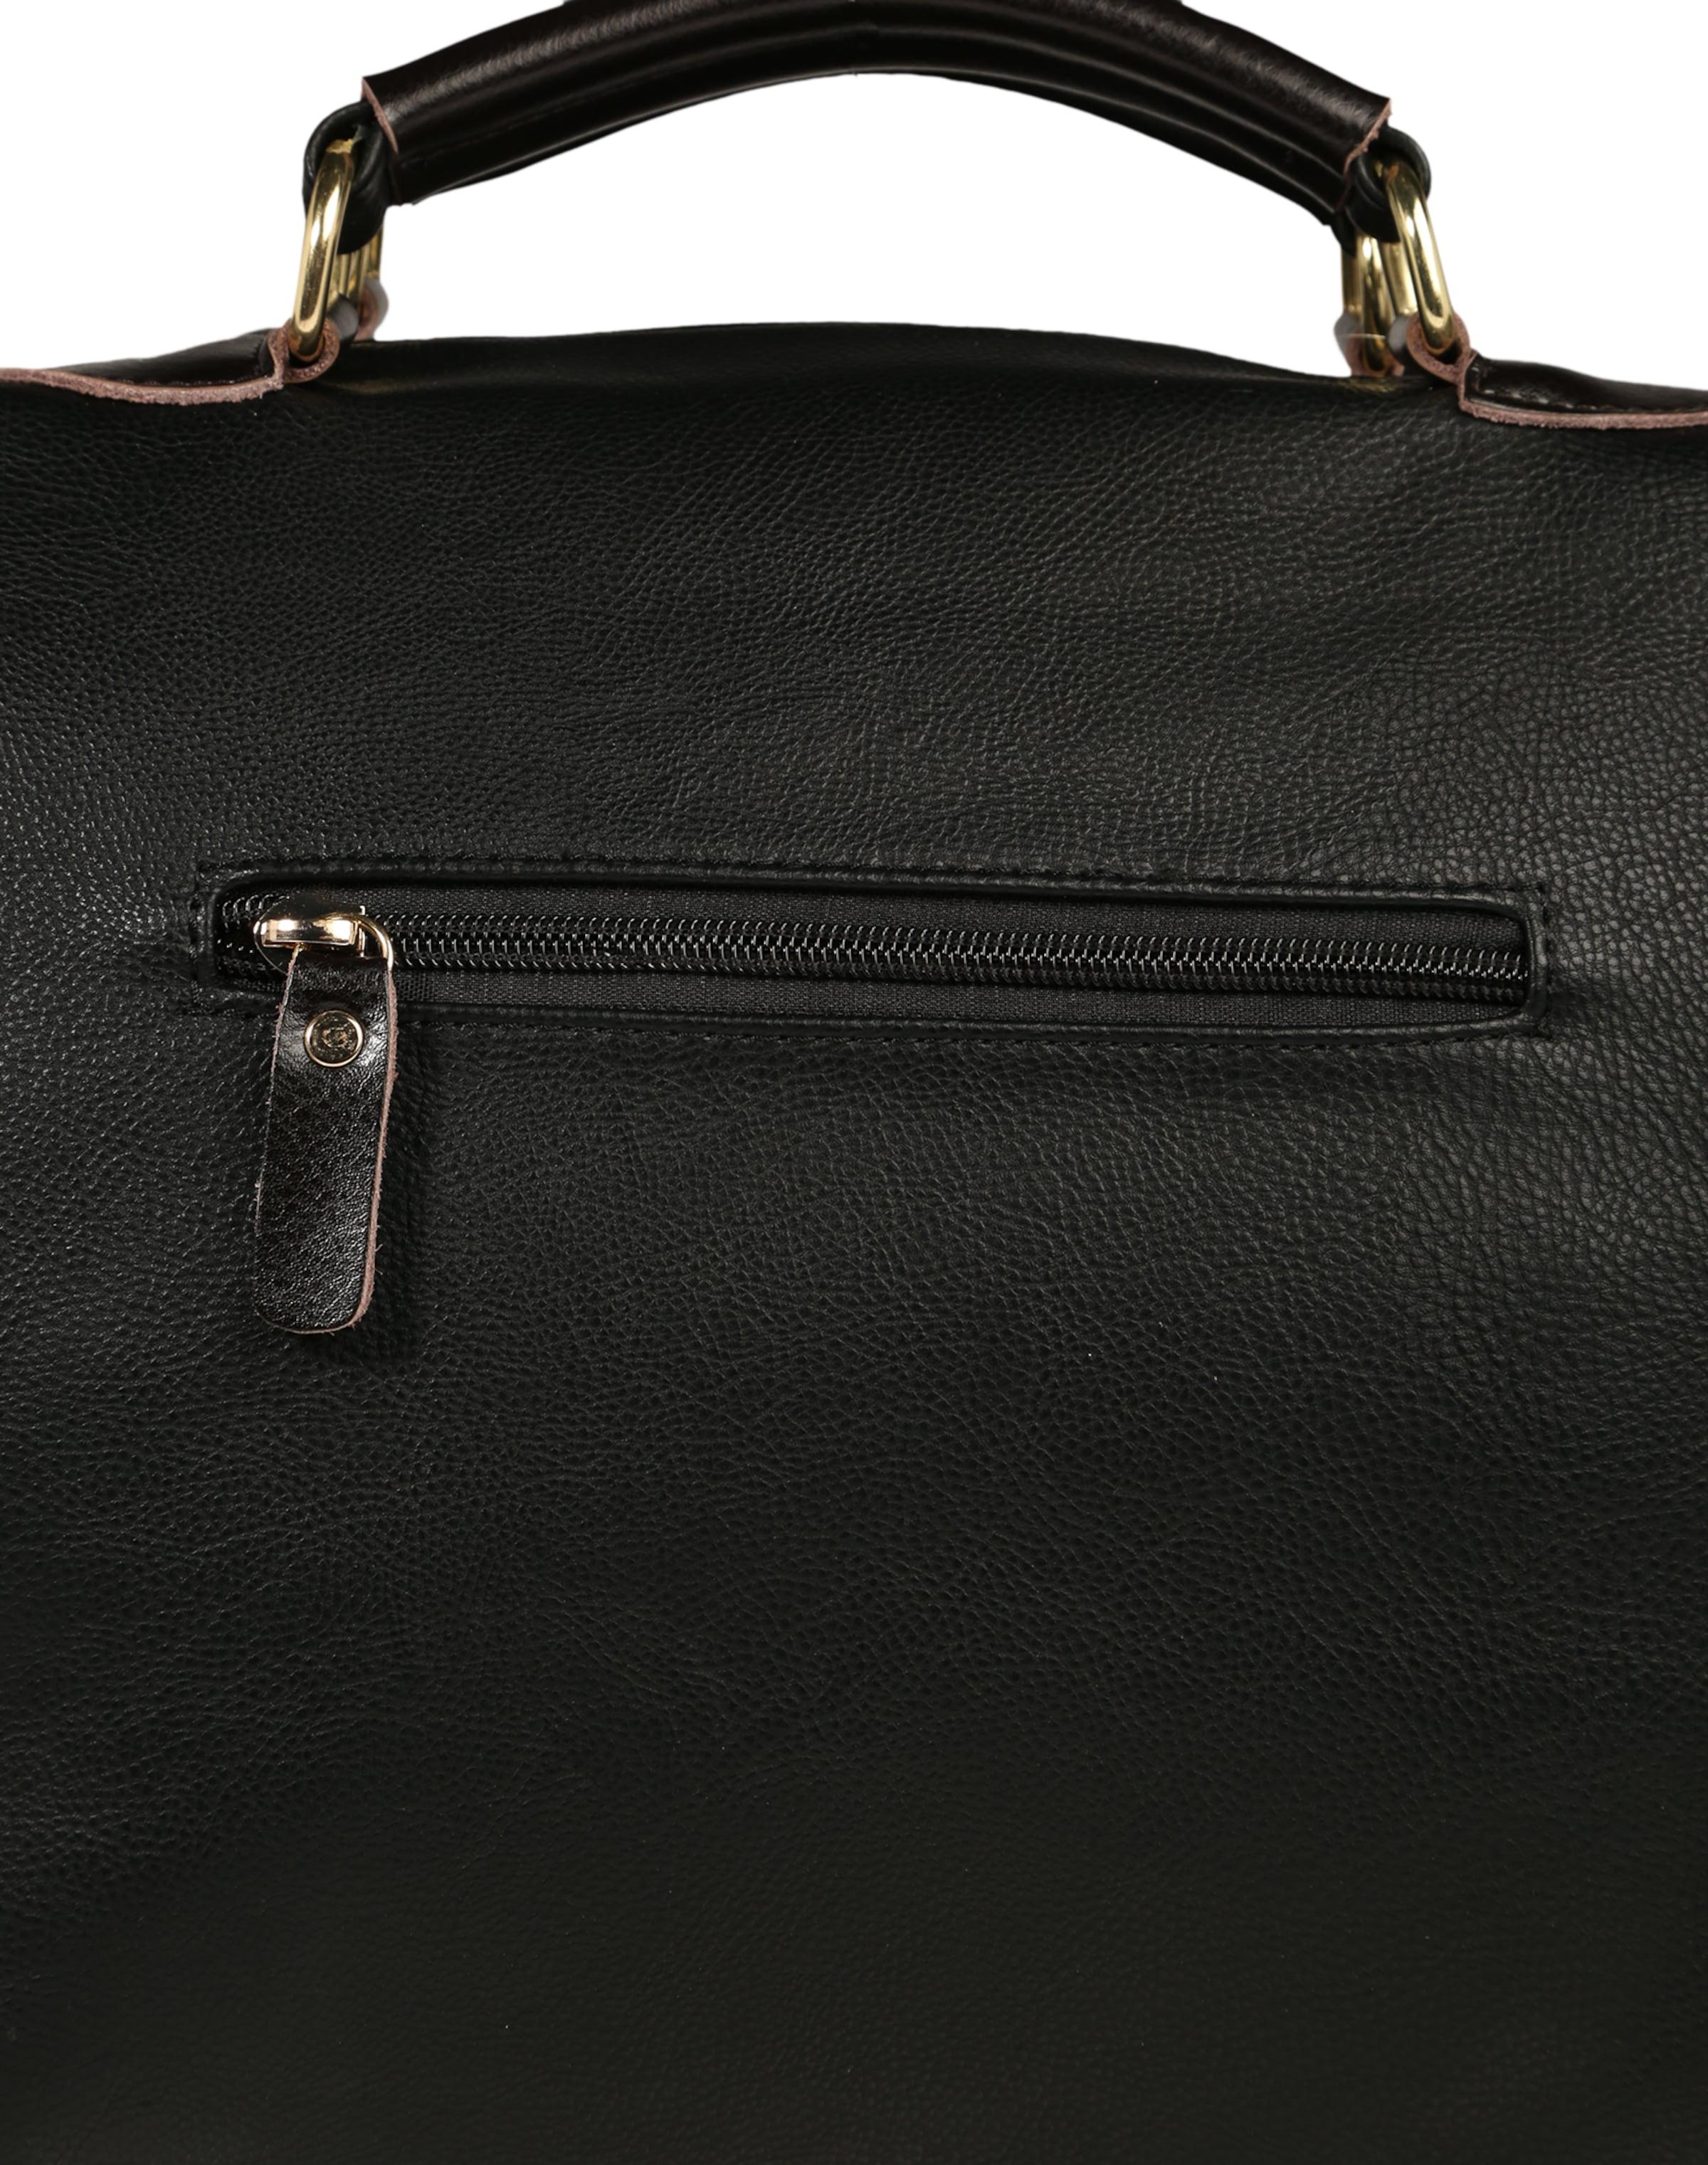 Mae & Ivy Handtasche 'Belle' Spielraum Limitierte Auflage Günstig Kauft Besten Platz Perfekt Billig Verkauf Mit Mastercard lnlSrmVP